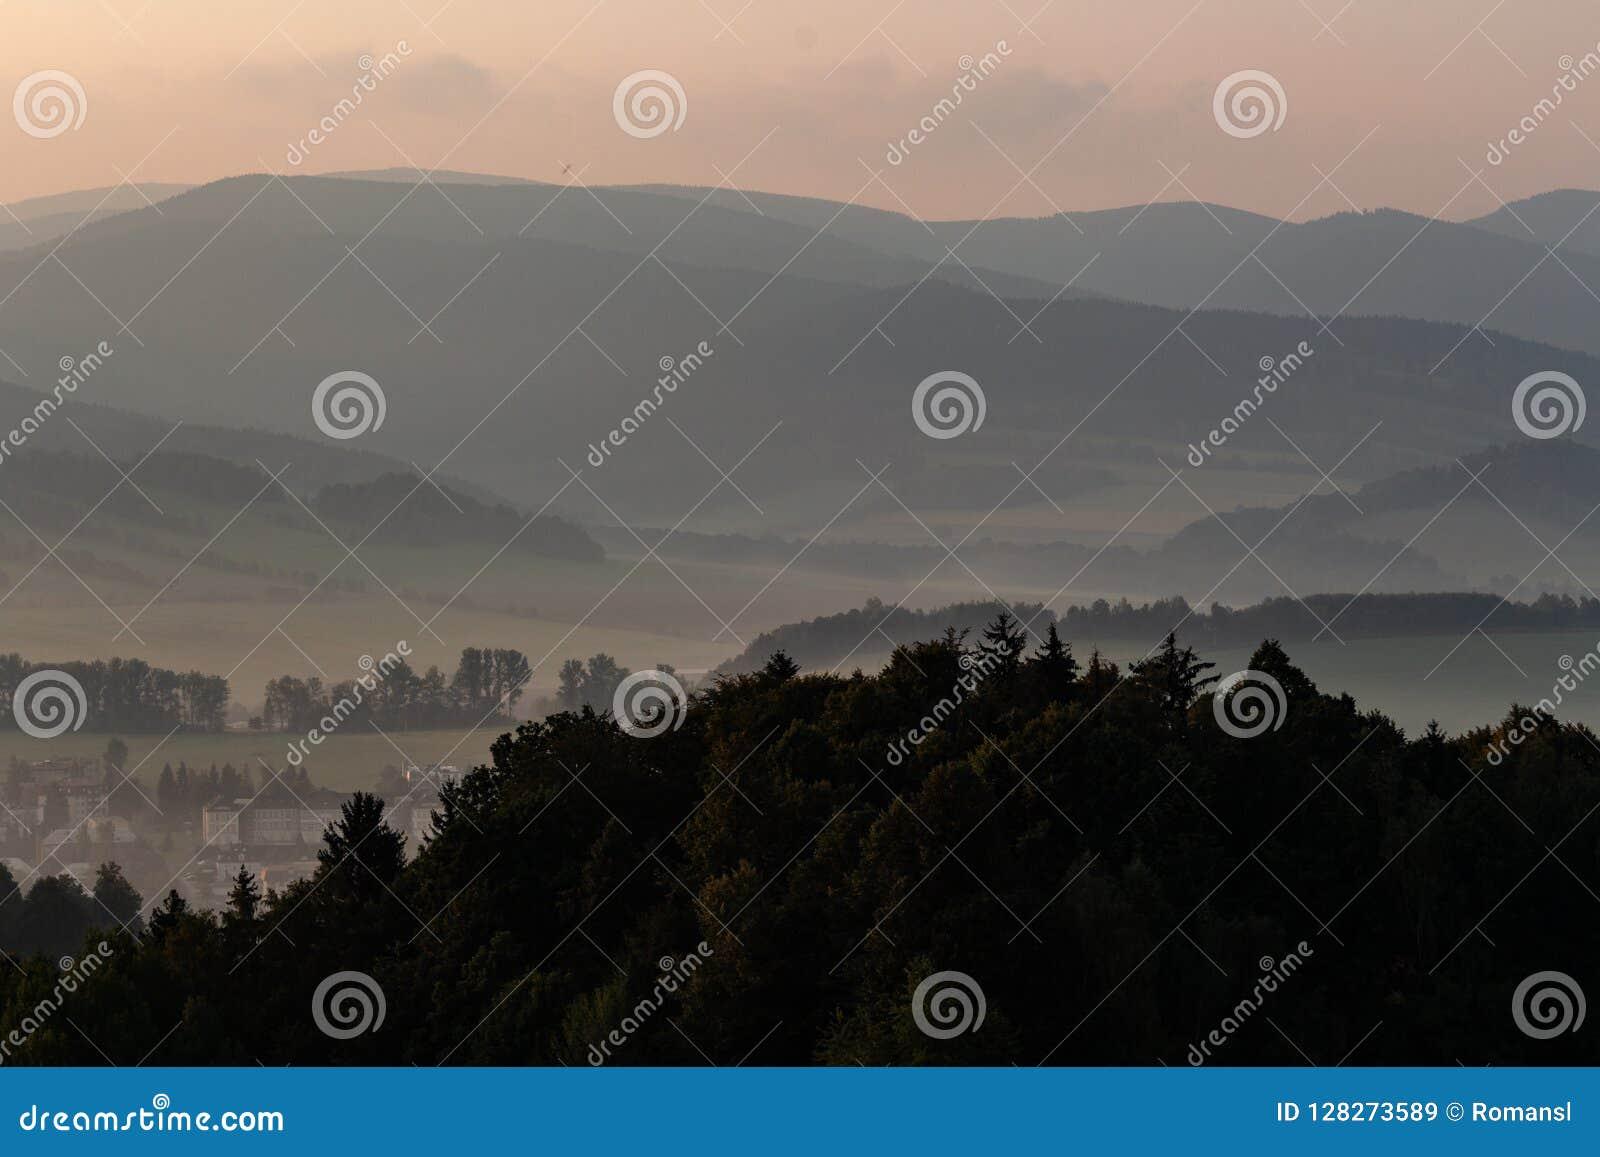 Dramatisk sikt i bergen för stormen - skurkrollgrå färgmoln svävar över gröna bergkanter